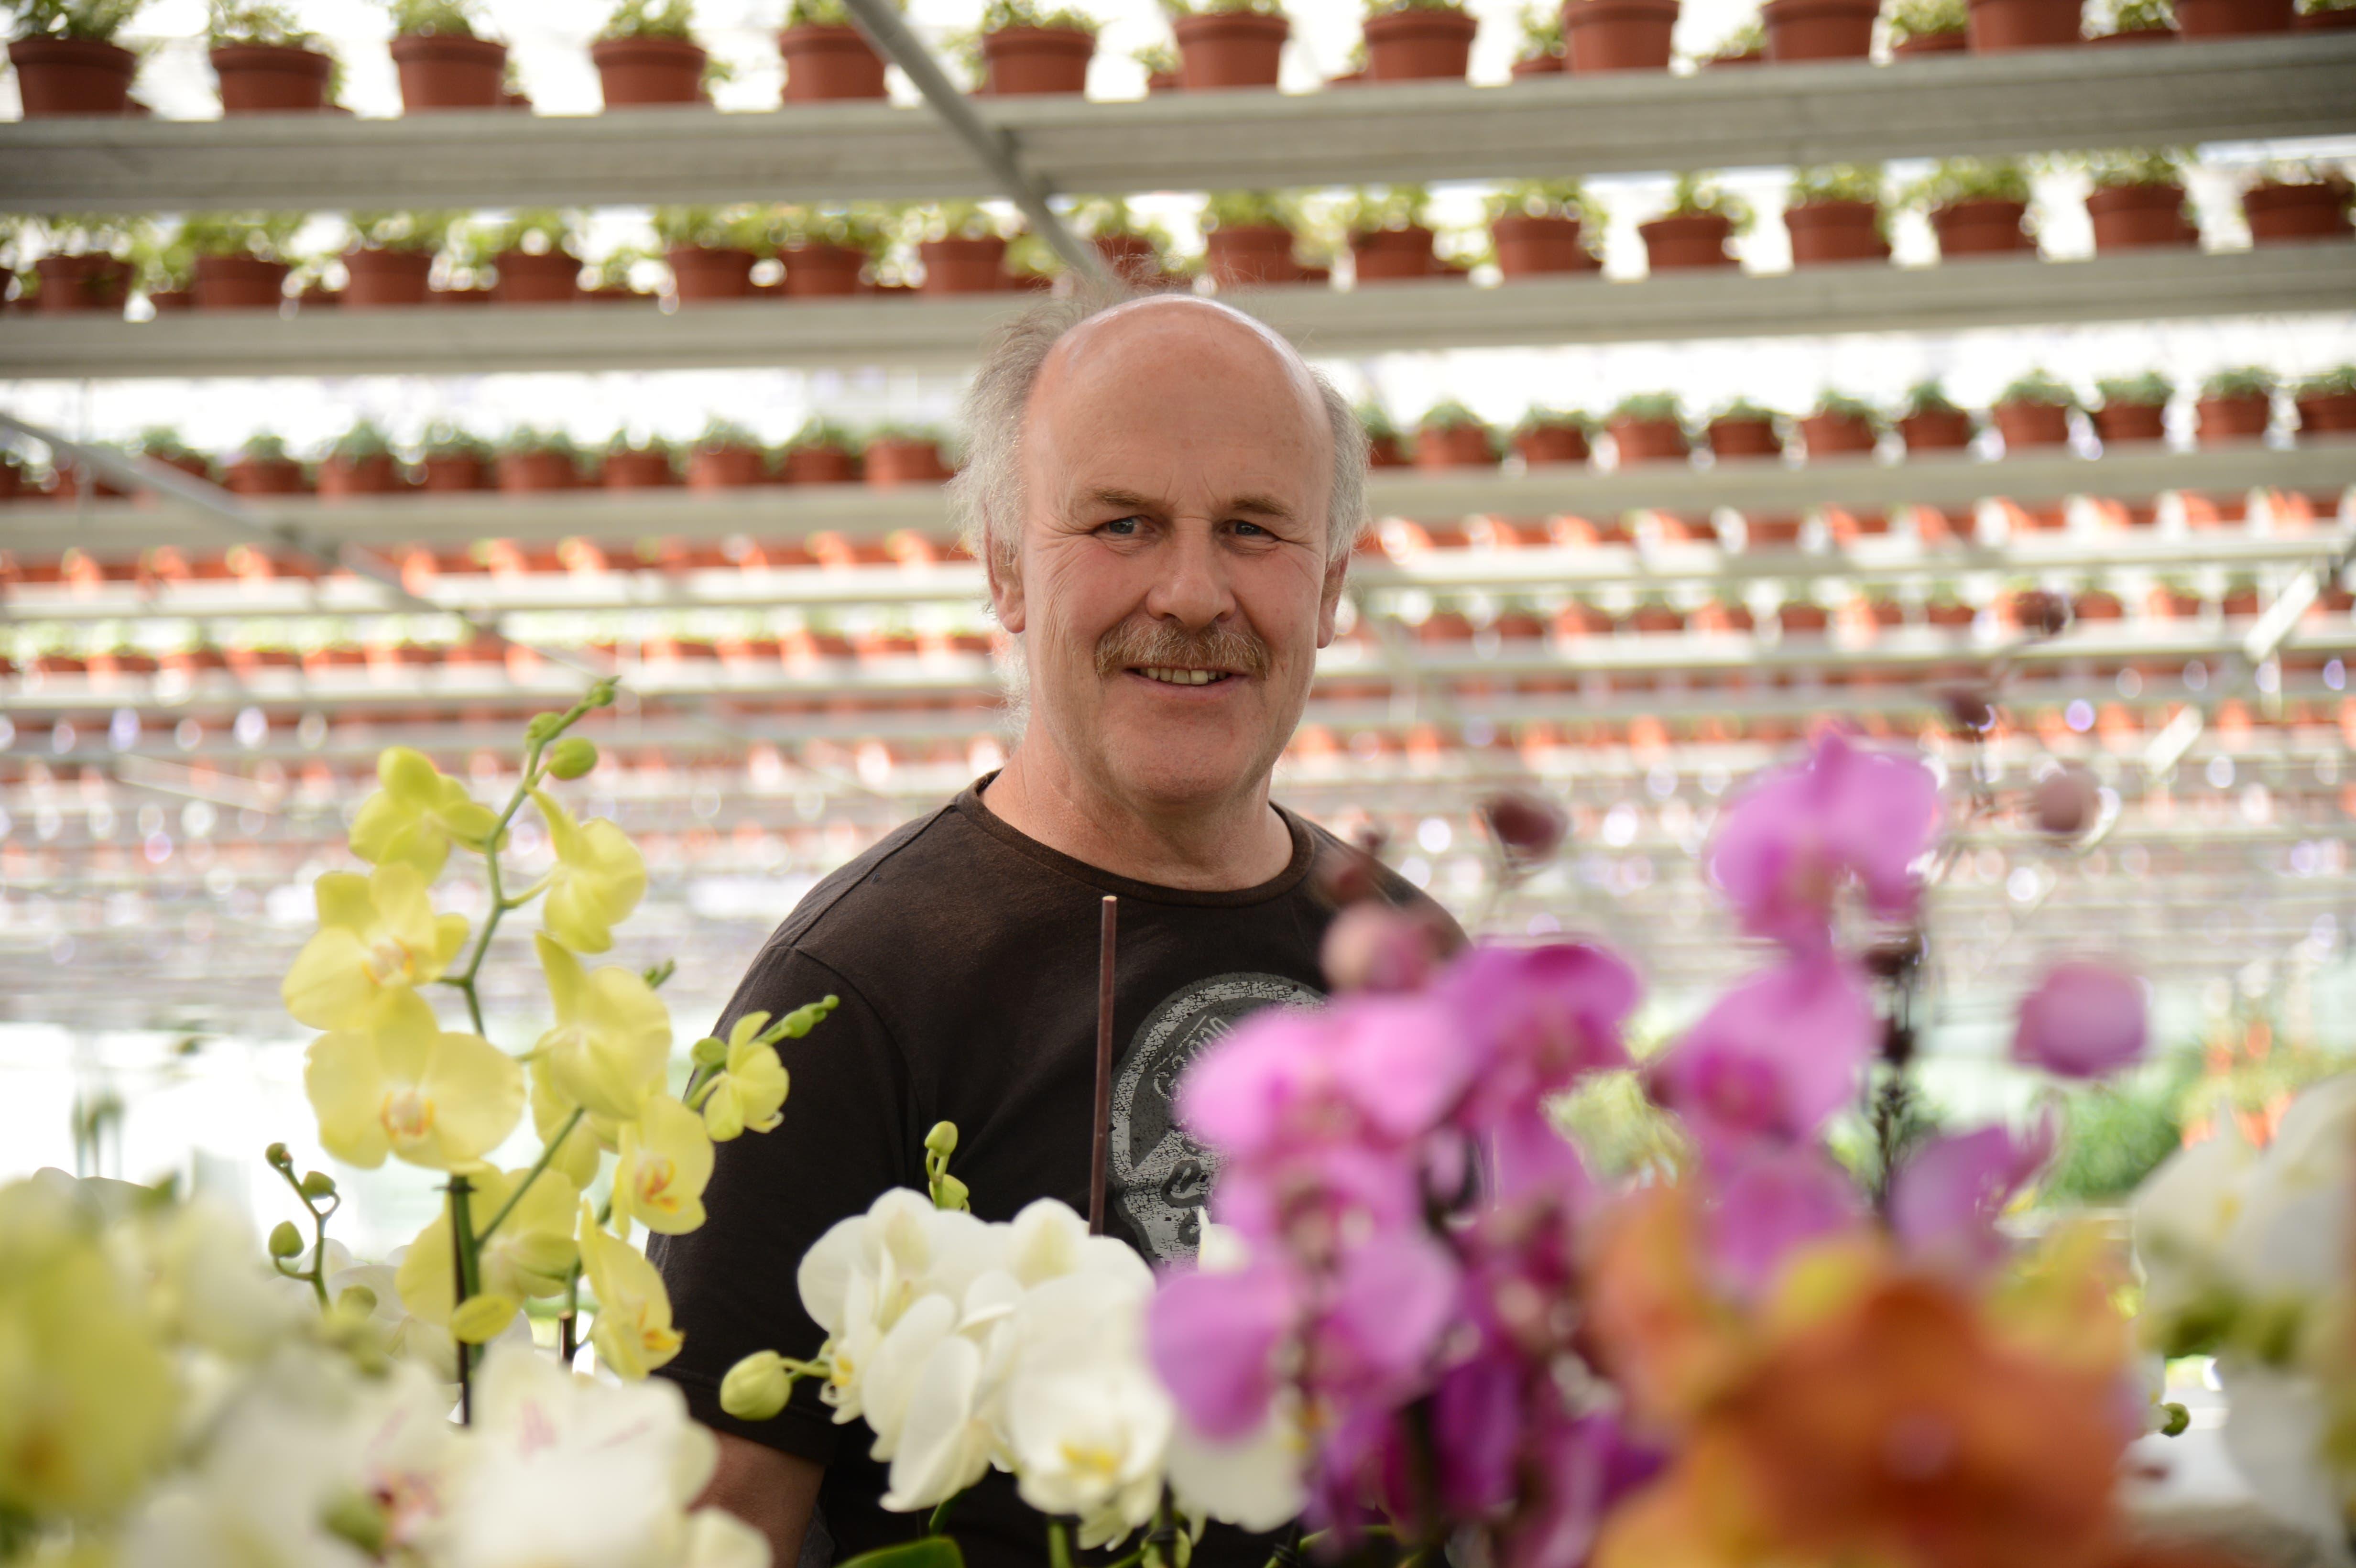 Gärtnerei Bürgin-Inhaber Daniel Sutter: «Wir sind dabei, hochzufahren.»